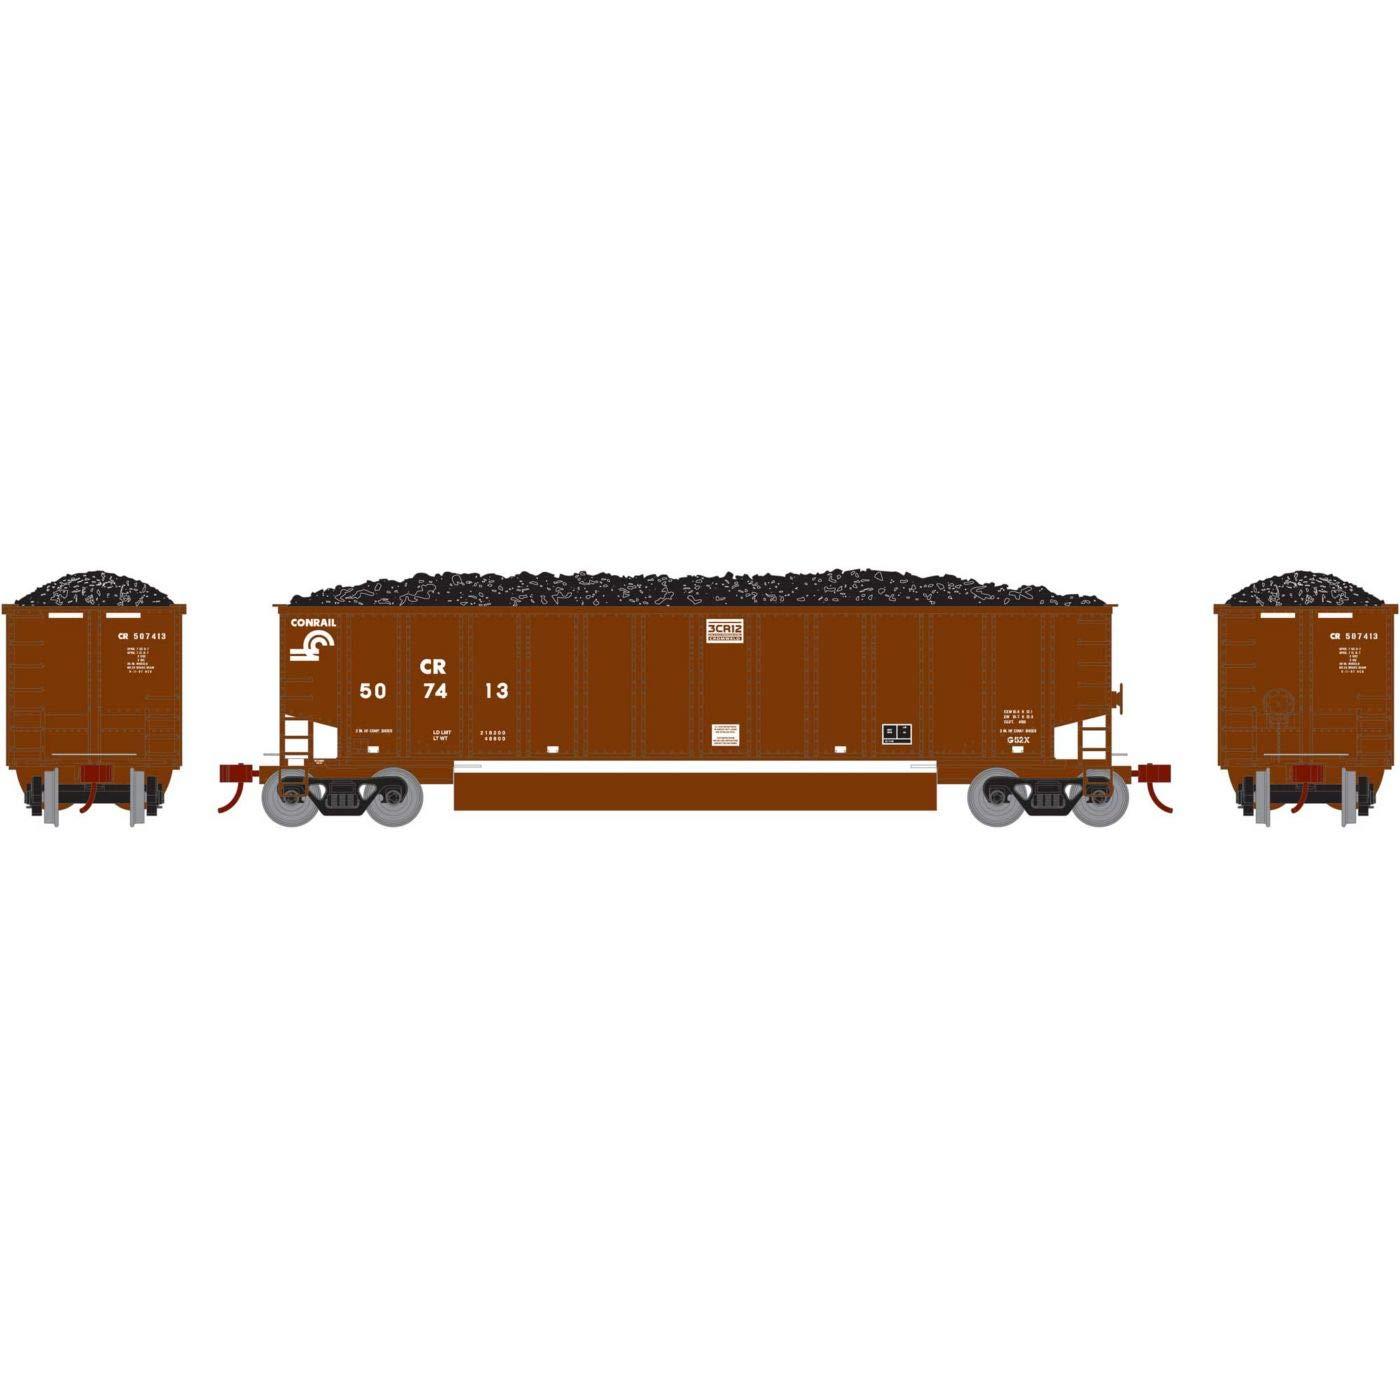 Athearn HO RTR ベスゴン コーラルポーター ロード付き CR #507413 B076889715